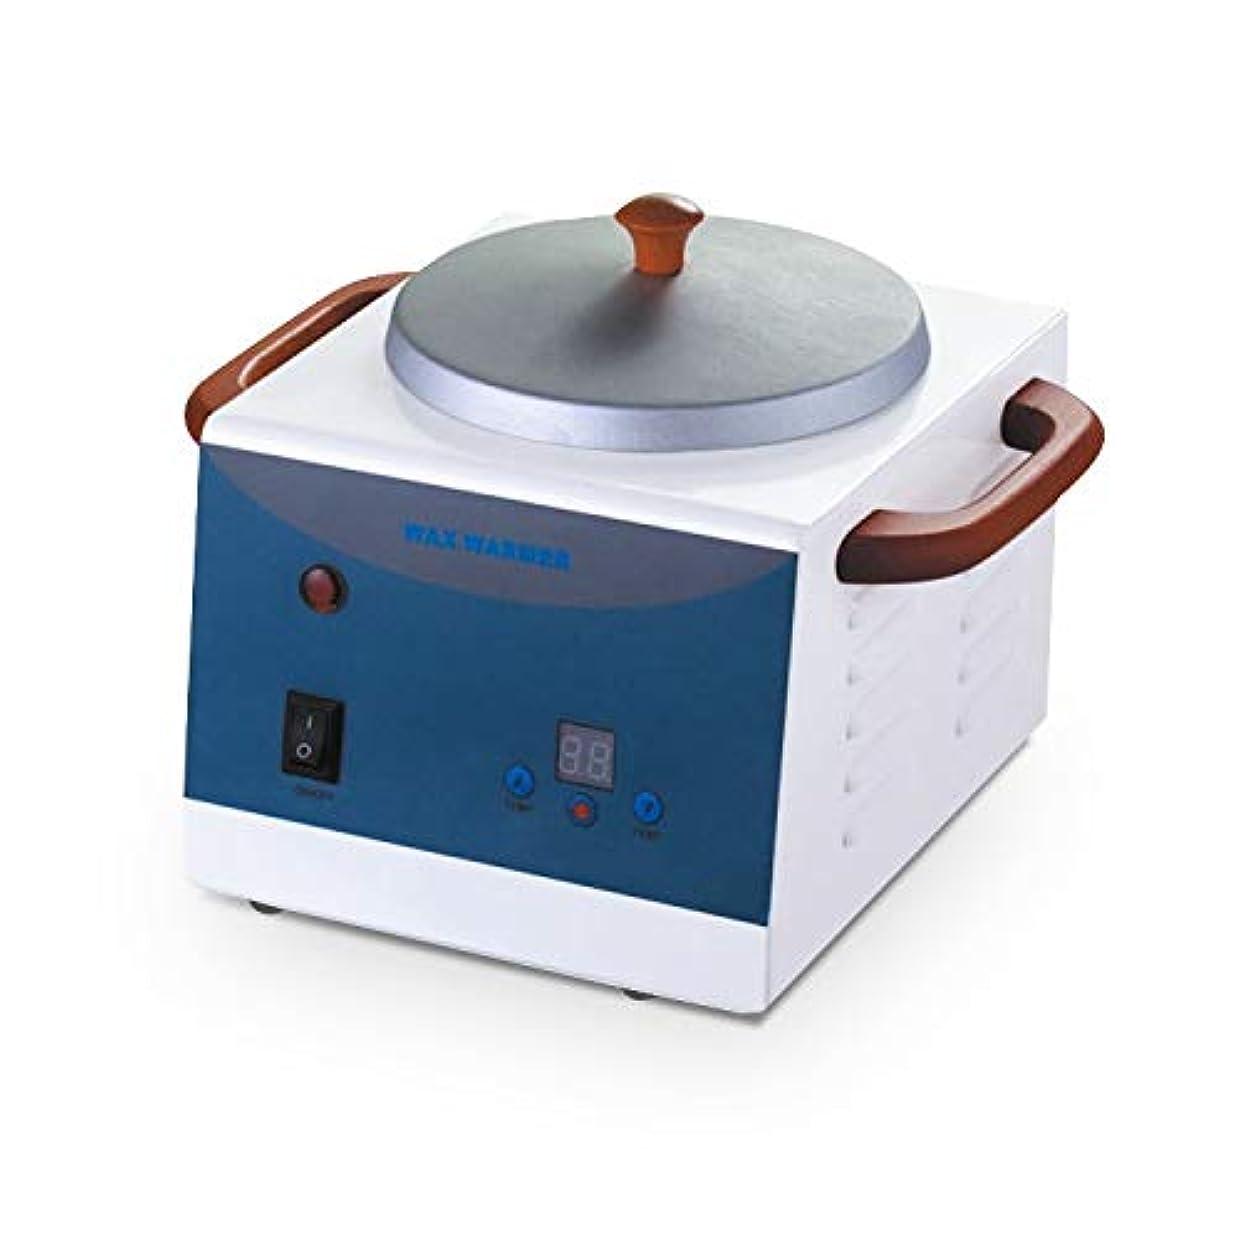 ビーチ後世縮れた500ML美容ワックスヒーターポット、ワックスウォーマー、プロフェッショナルサロンスパツールメルティングポット、調節可能な温度